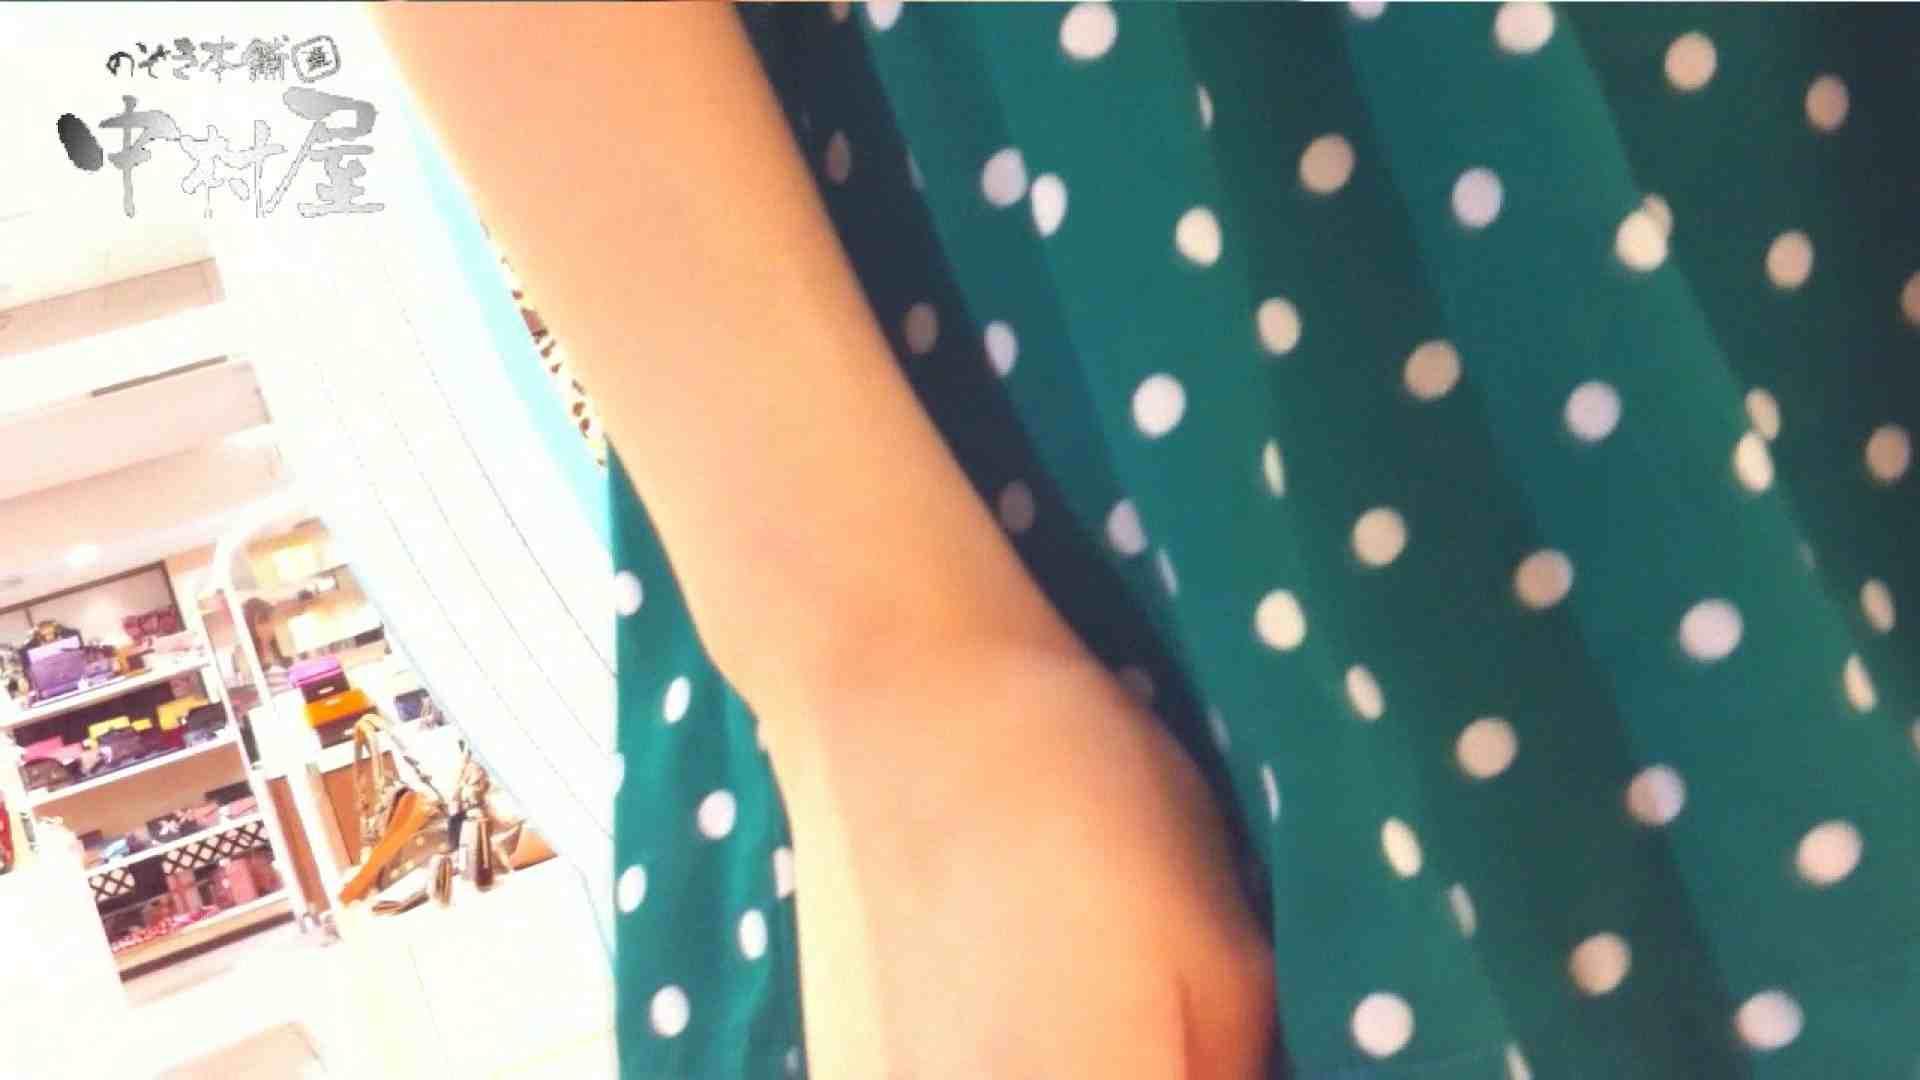 vol.48可愛いカリスマ店員胸チラ&パンチラ アニメ声の店員さん OLセックス 盗撮戯れ無修正画像 110画像 72